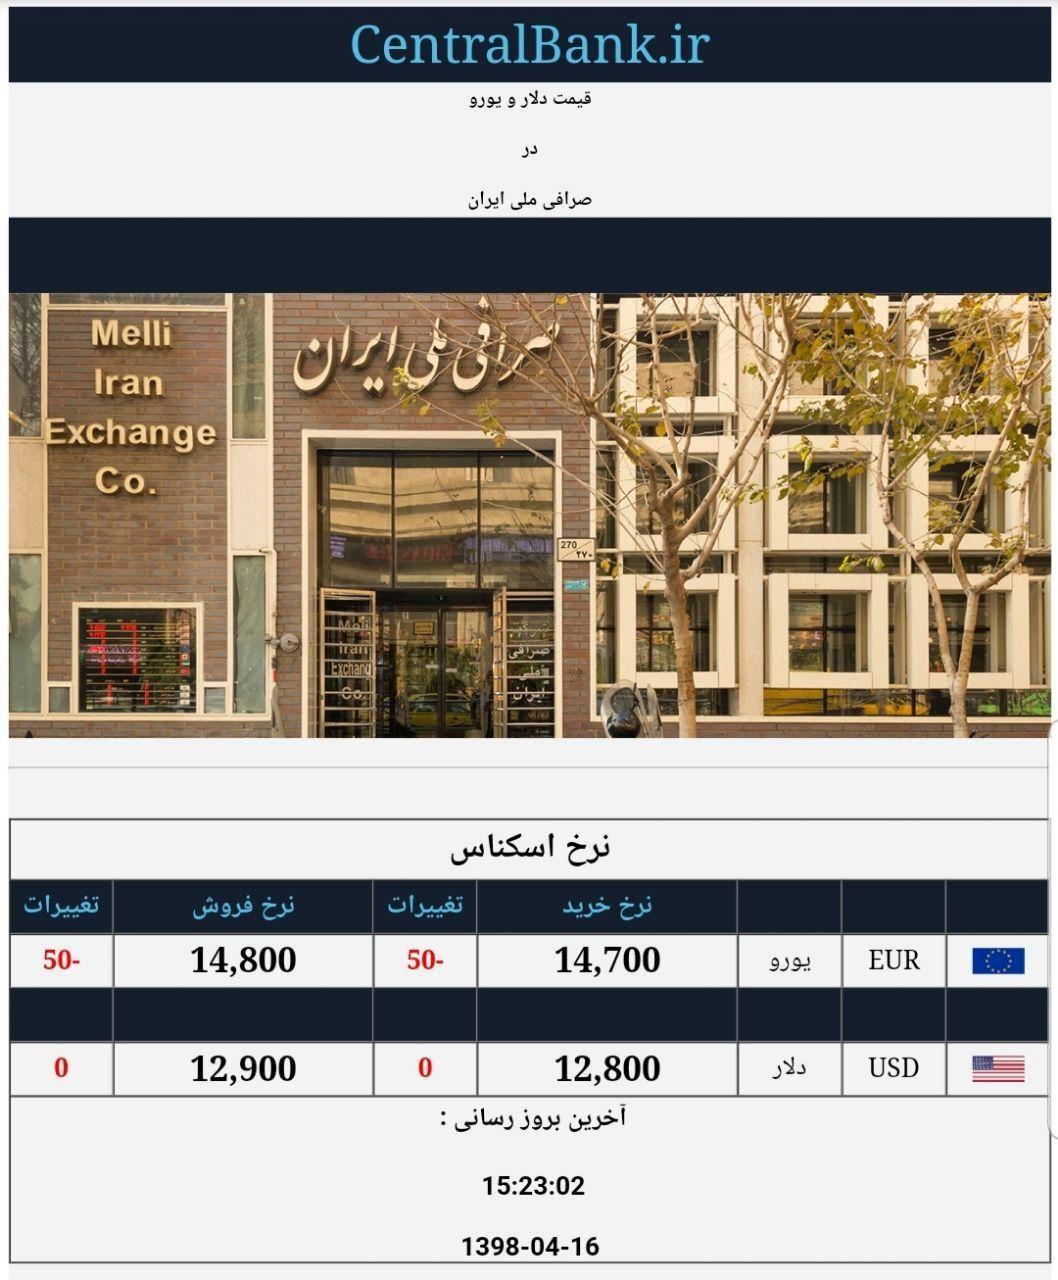 قیمت دلار و یورو در صرافی ملی امروز ۱۳۹۸/۰۴/۱۶